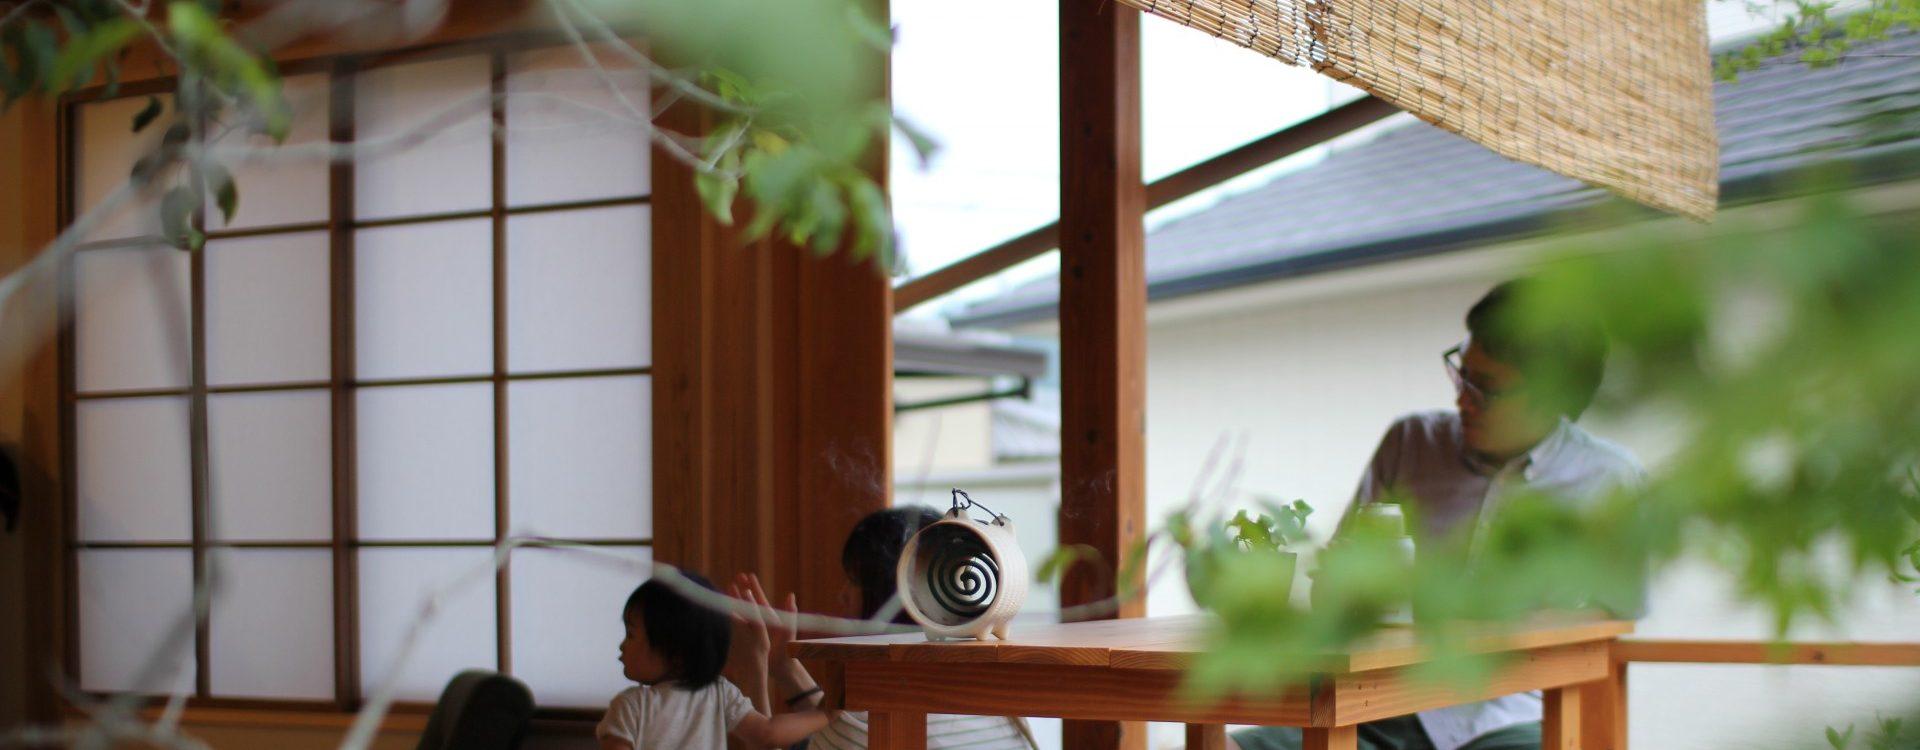 豊かな木の香りのなかで健康に暮らす。沖縄の木造住宅|木の家 グリーンハウス